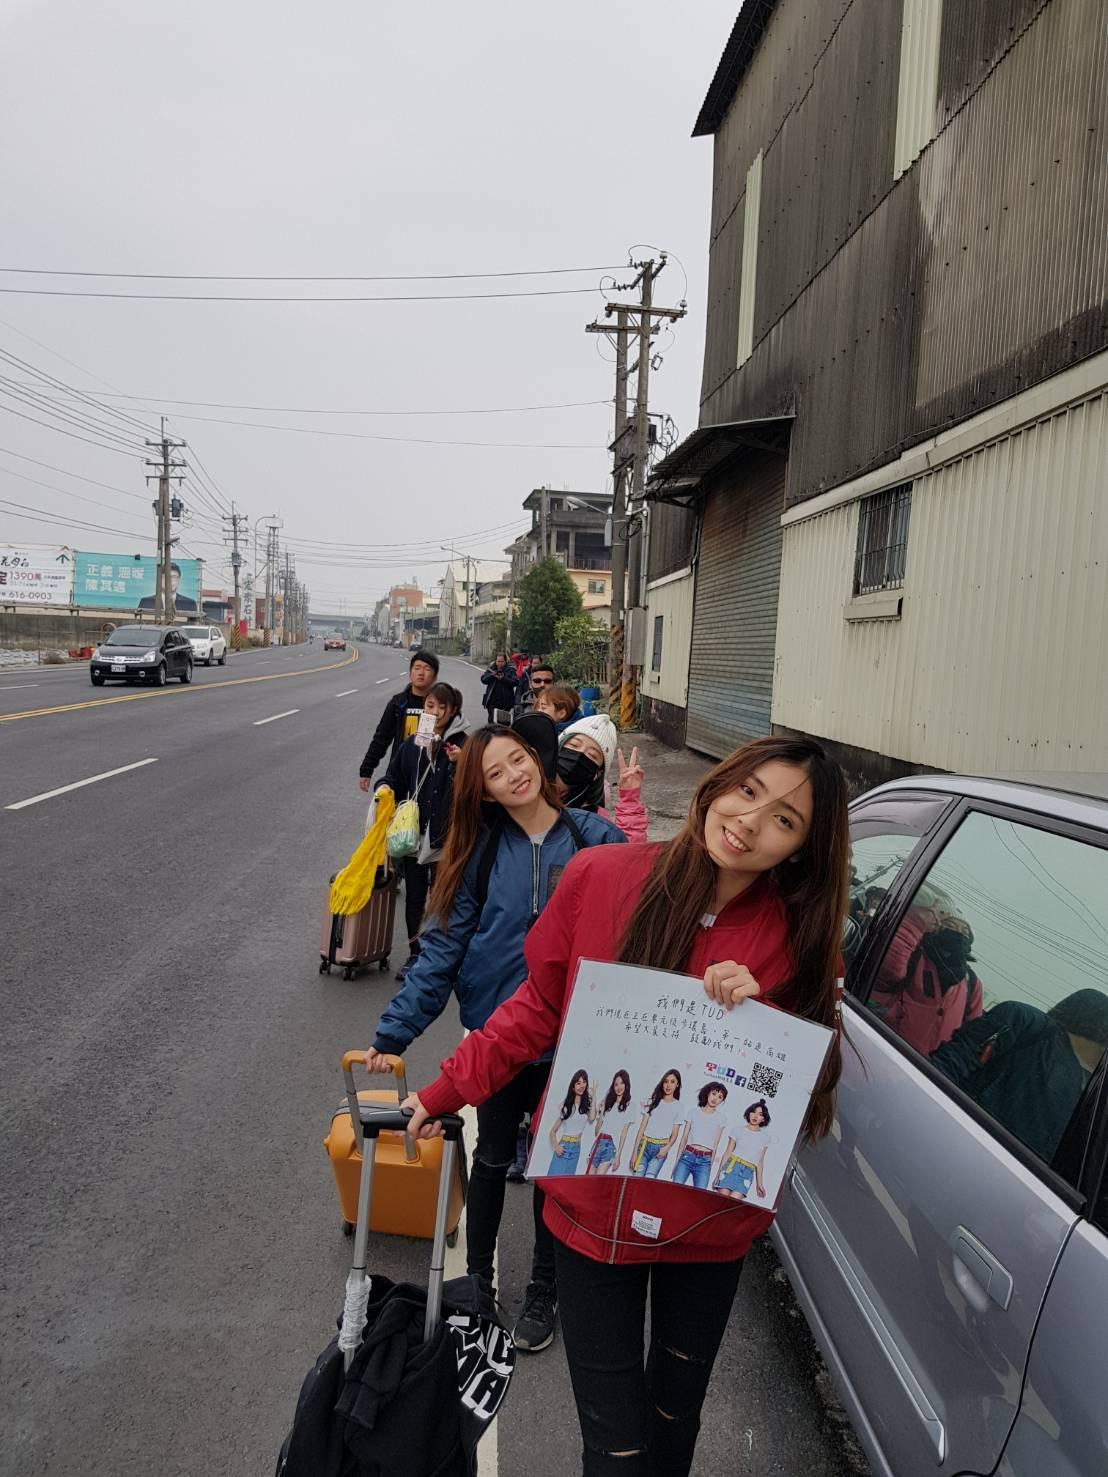 女團TUD「公轉自轉」0元徒步環島 真實感受台灣最美風景!